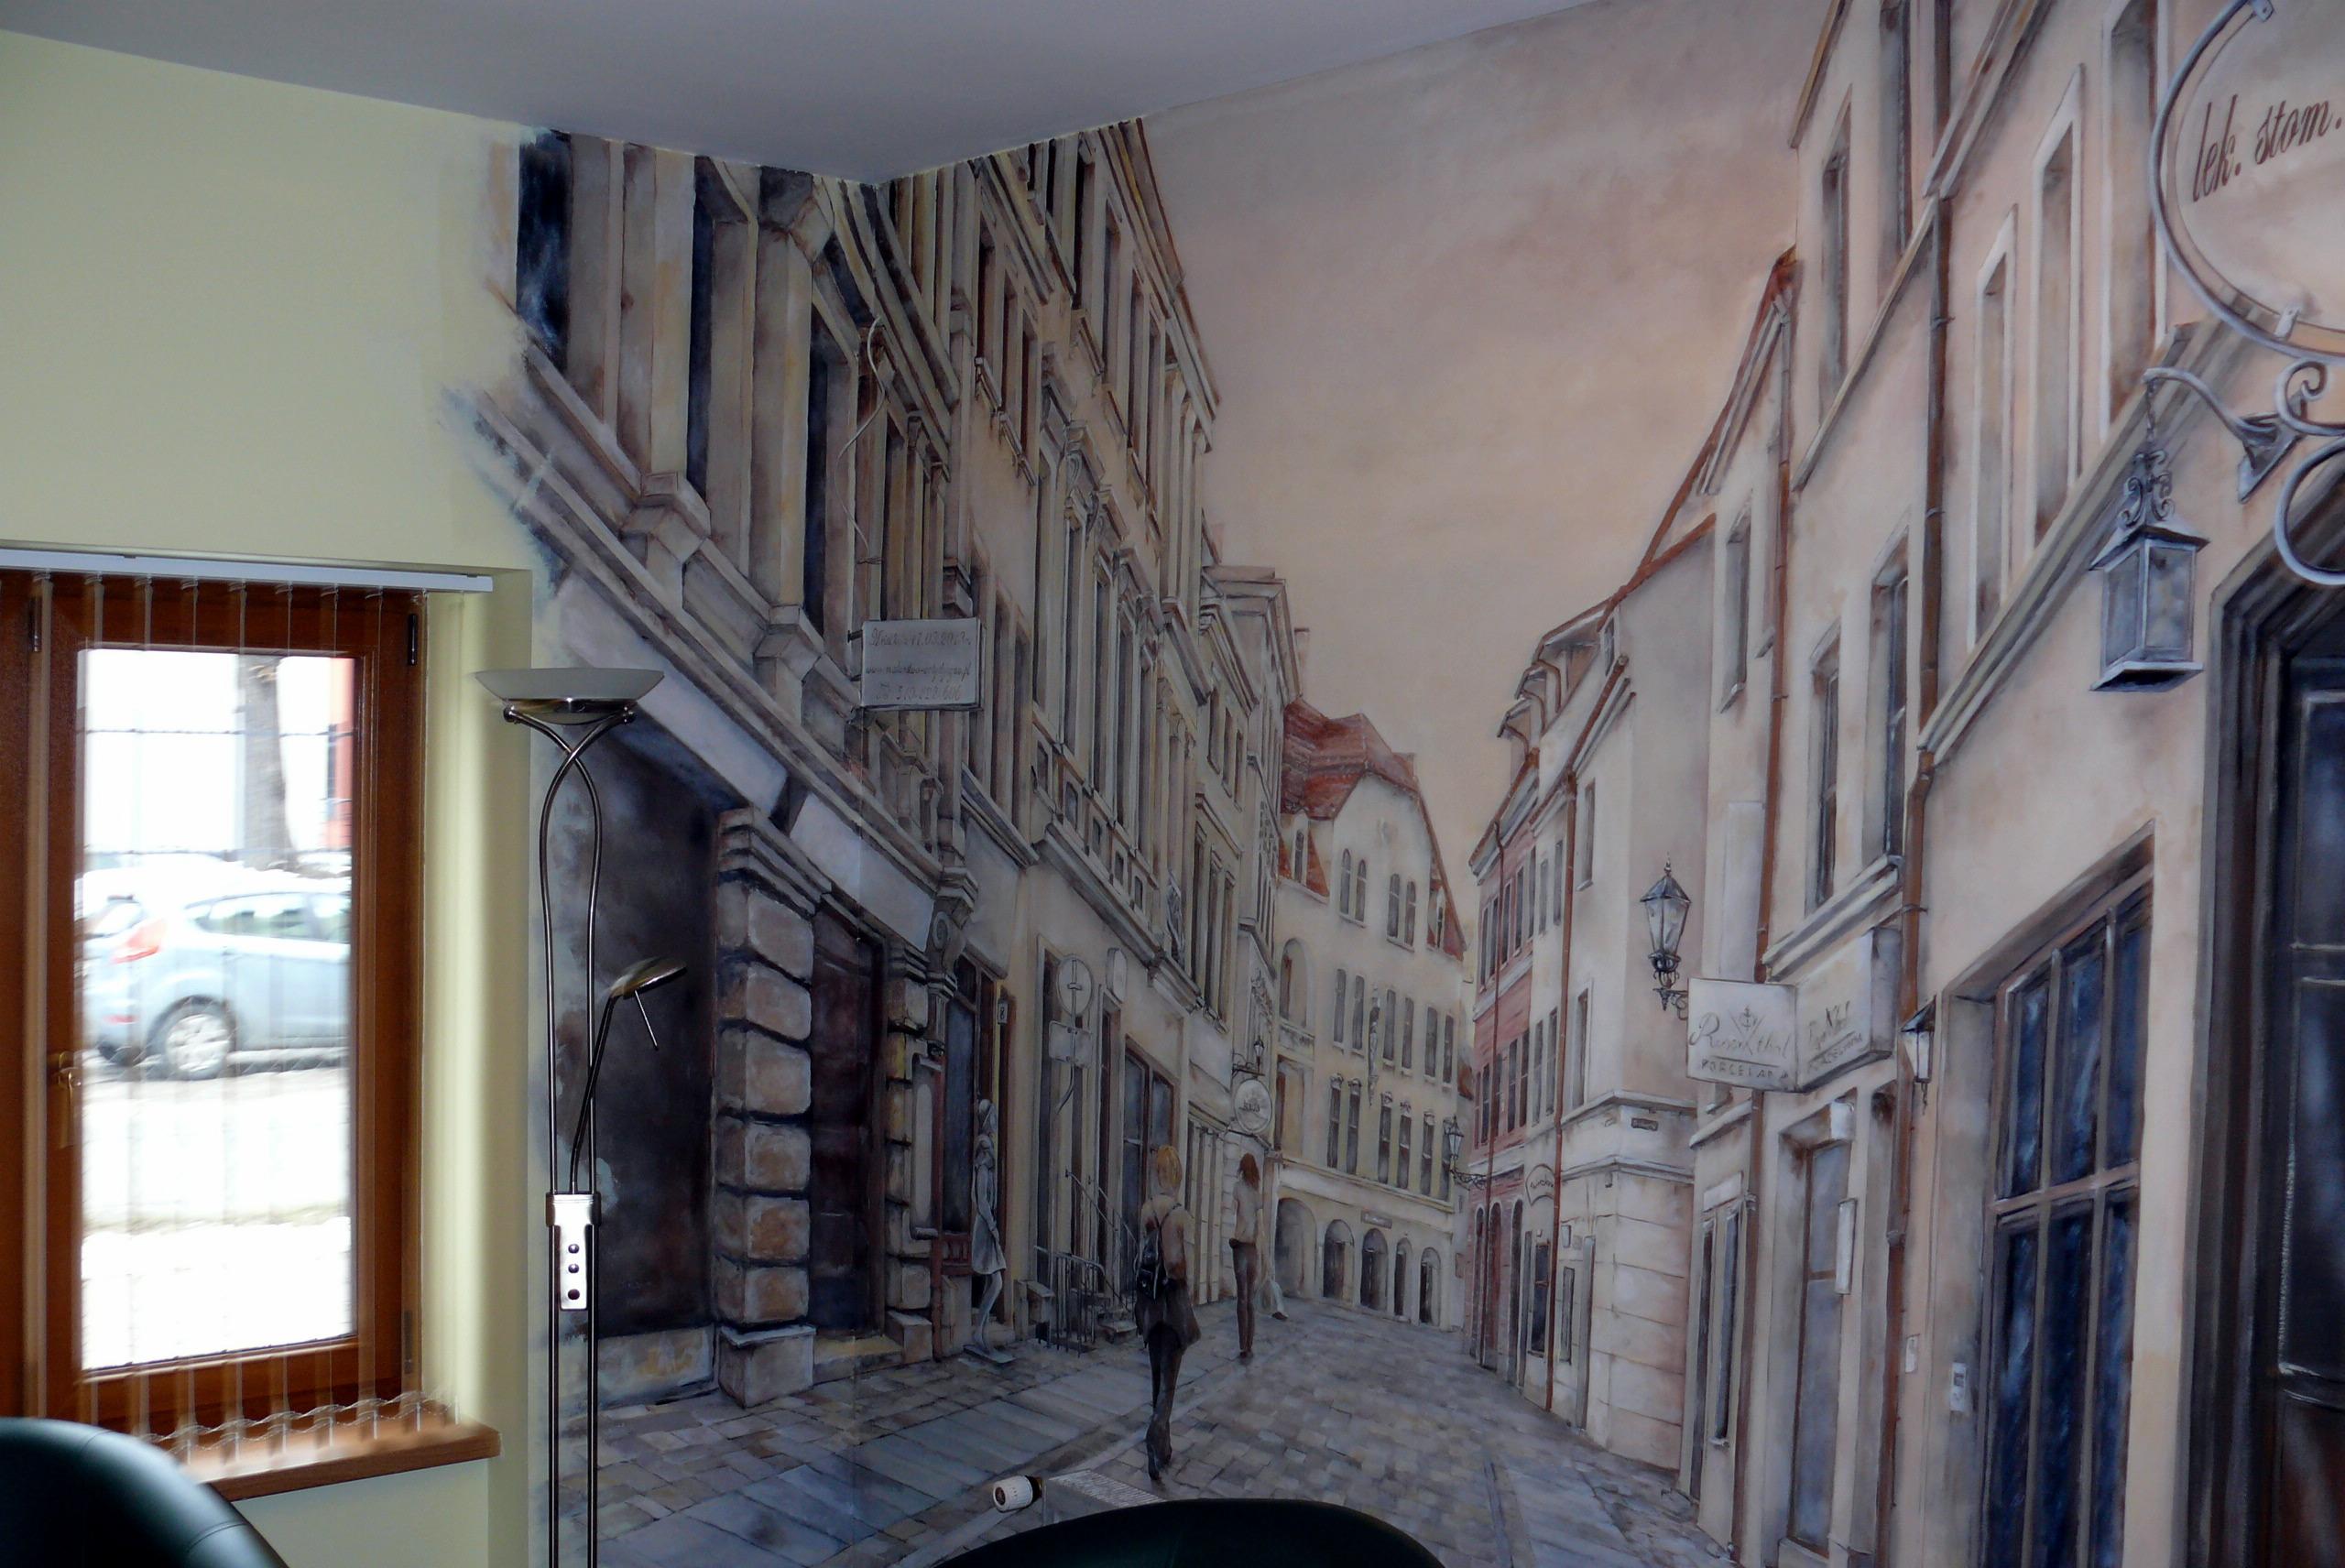 Malowanie uliczki w perspektywie